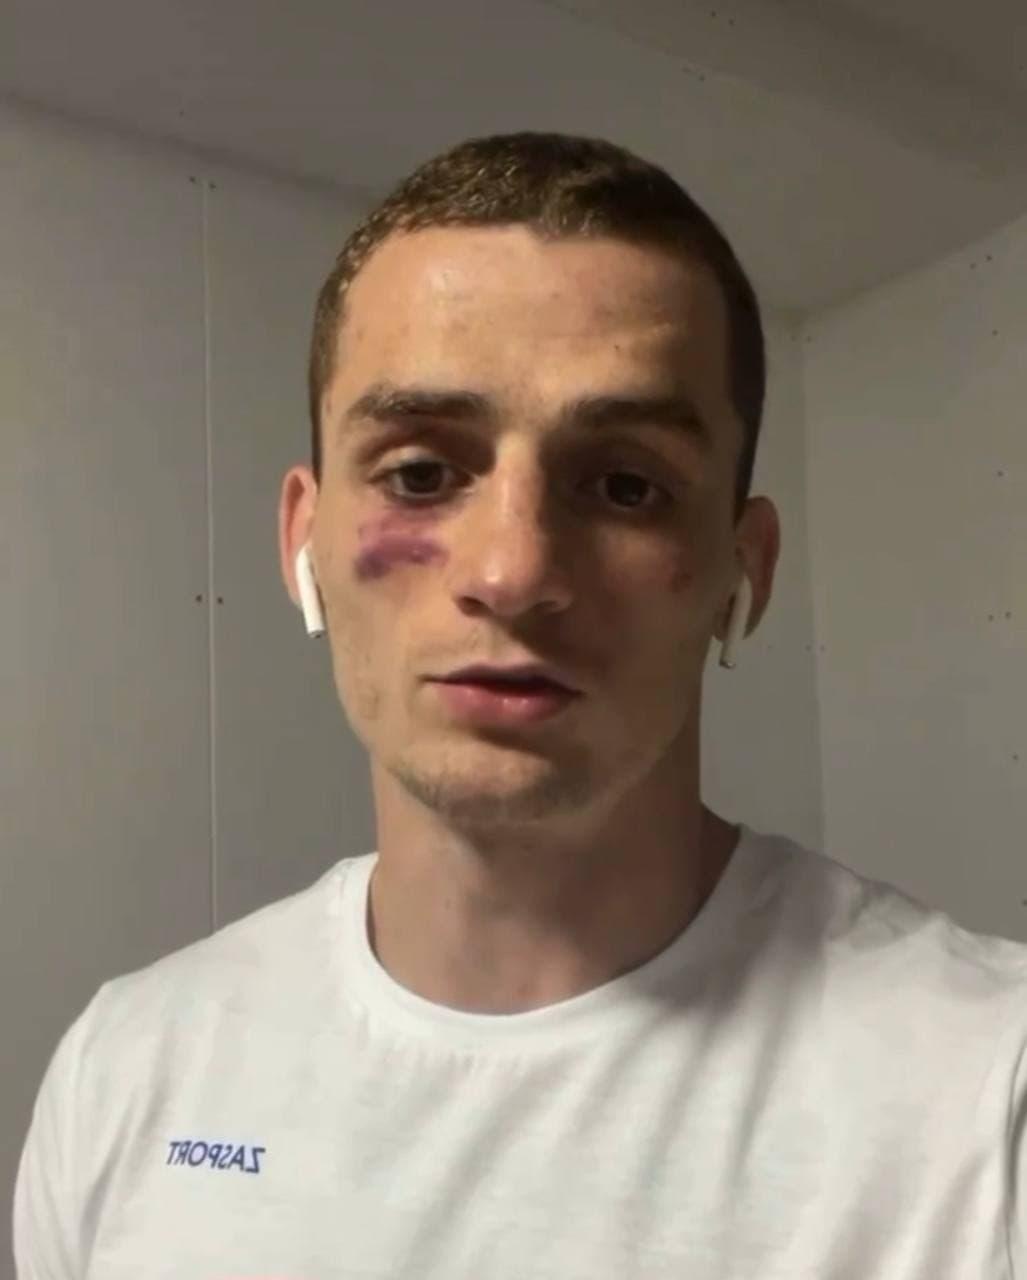 «Друзья, спасибо всем, кто болел, кто переживал»: Боксёр Глеб Бакши поблагодарил своих подписчиков за поддержку